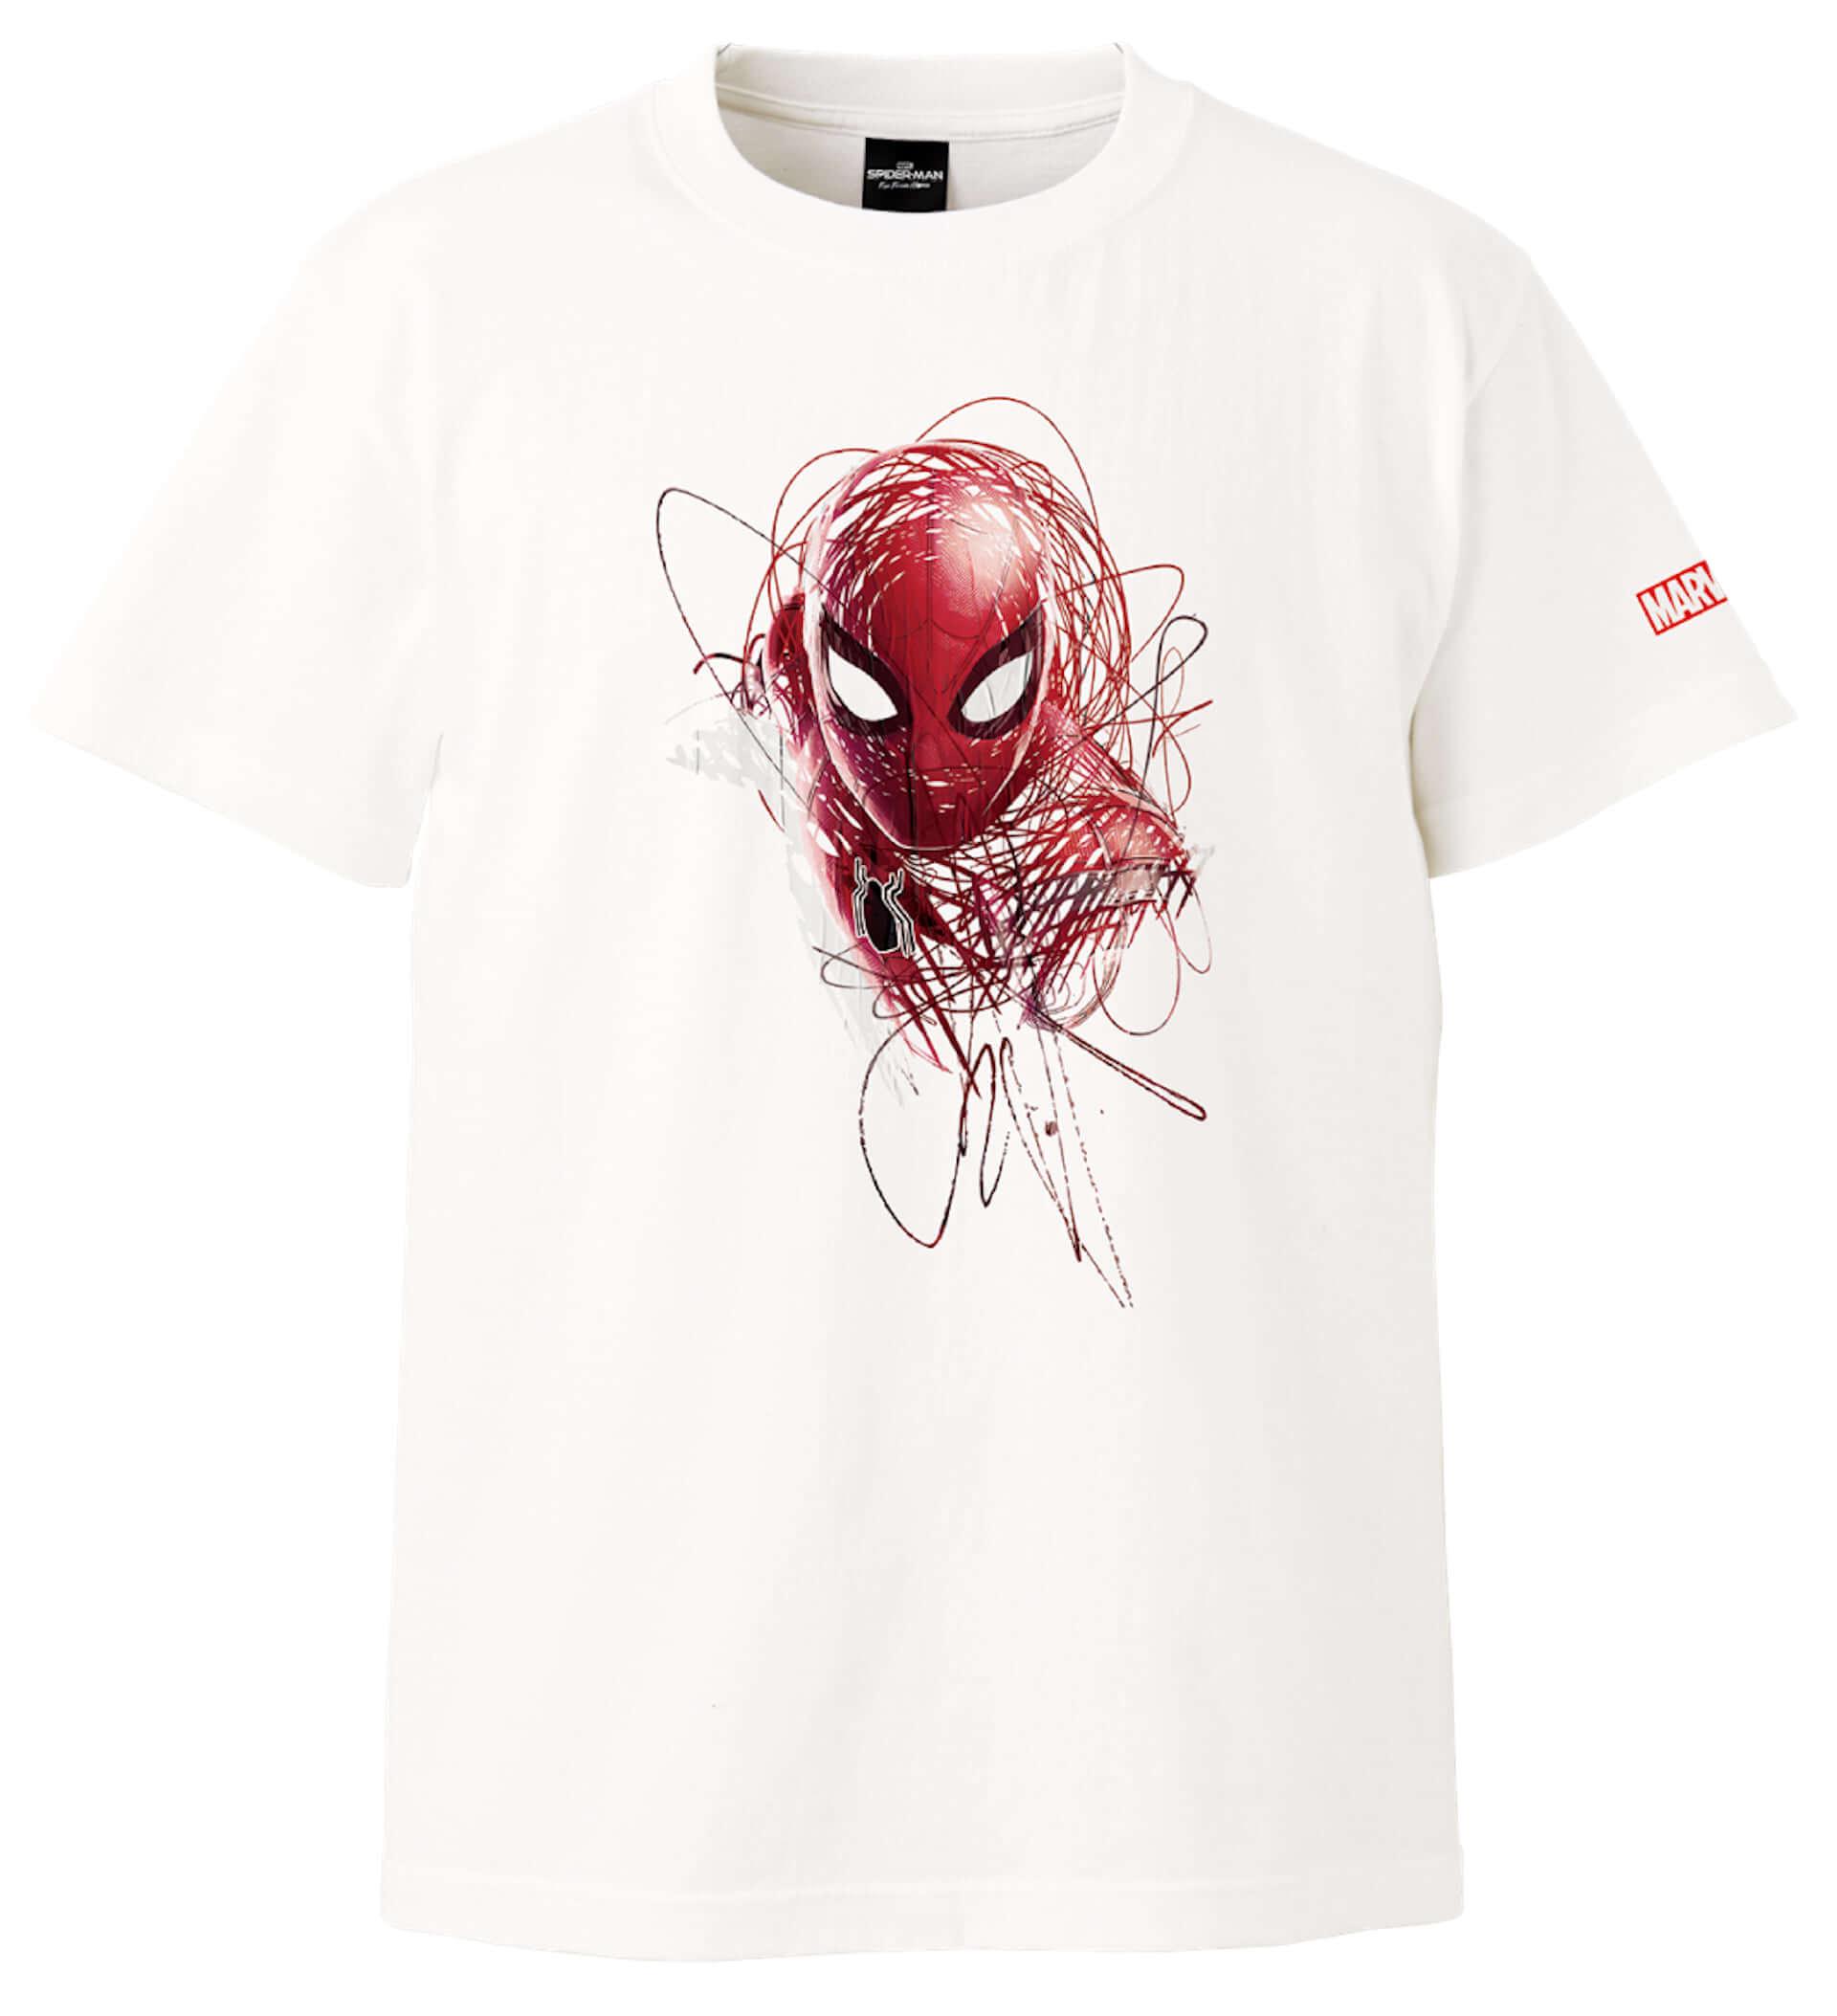 映画「スパイダーマン」最新作の超レアグッズが当たる!Happyくじ『スパイダーマン:ファー・フロム・ホーム』登場 art190628_spiderman_lot_15-1920x2107